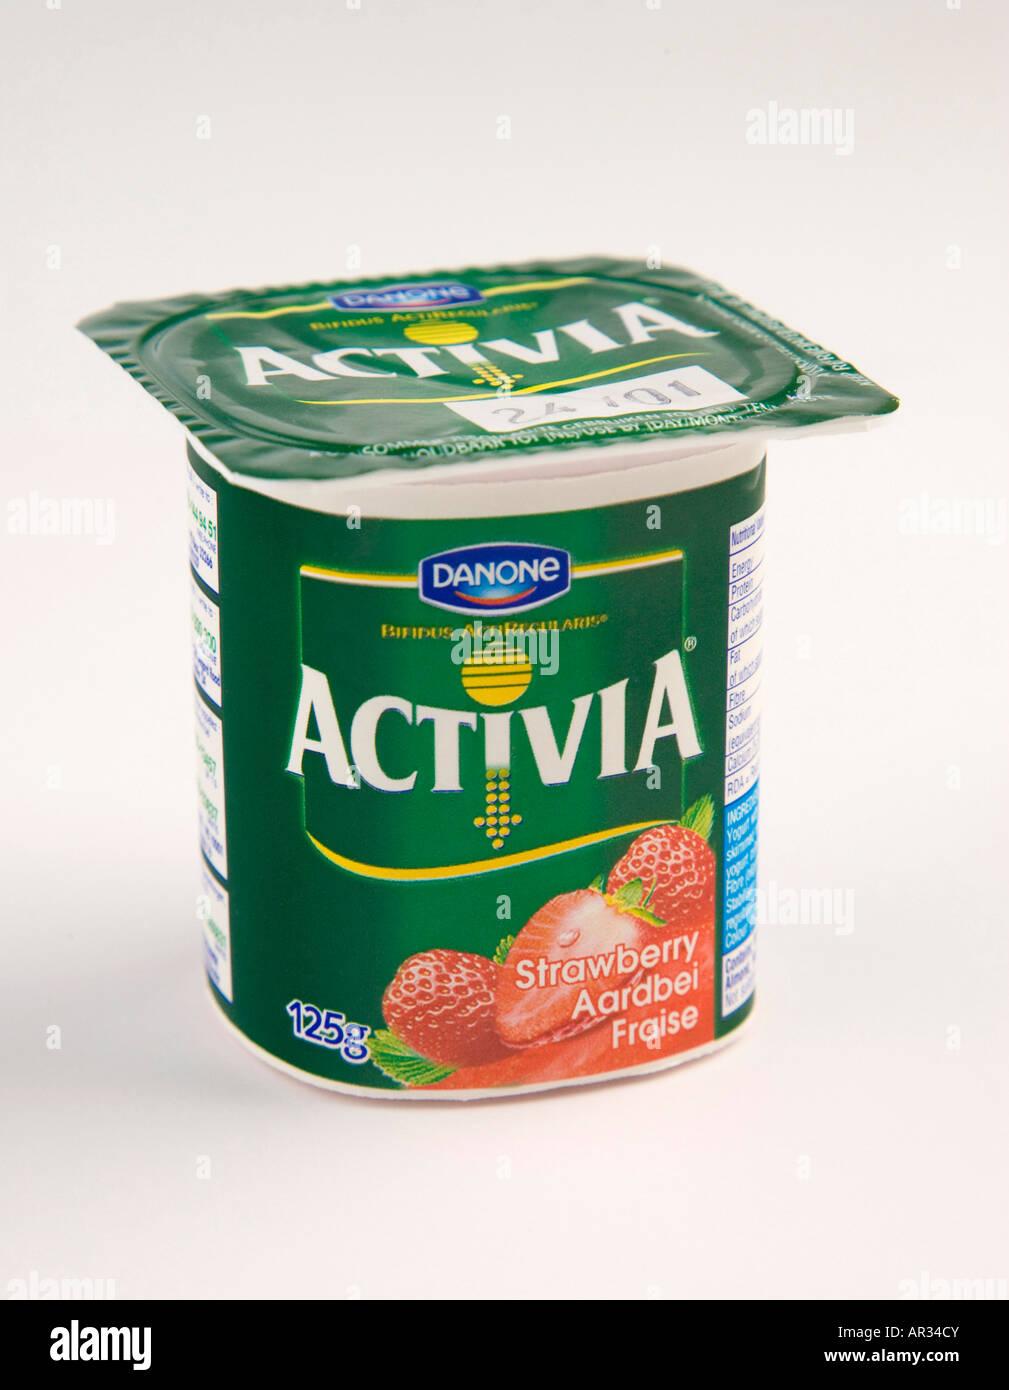 activia yoghurt stock photos & activia yoghurt stock images - alamy